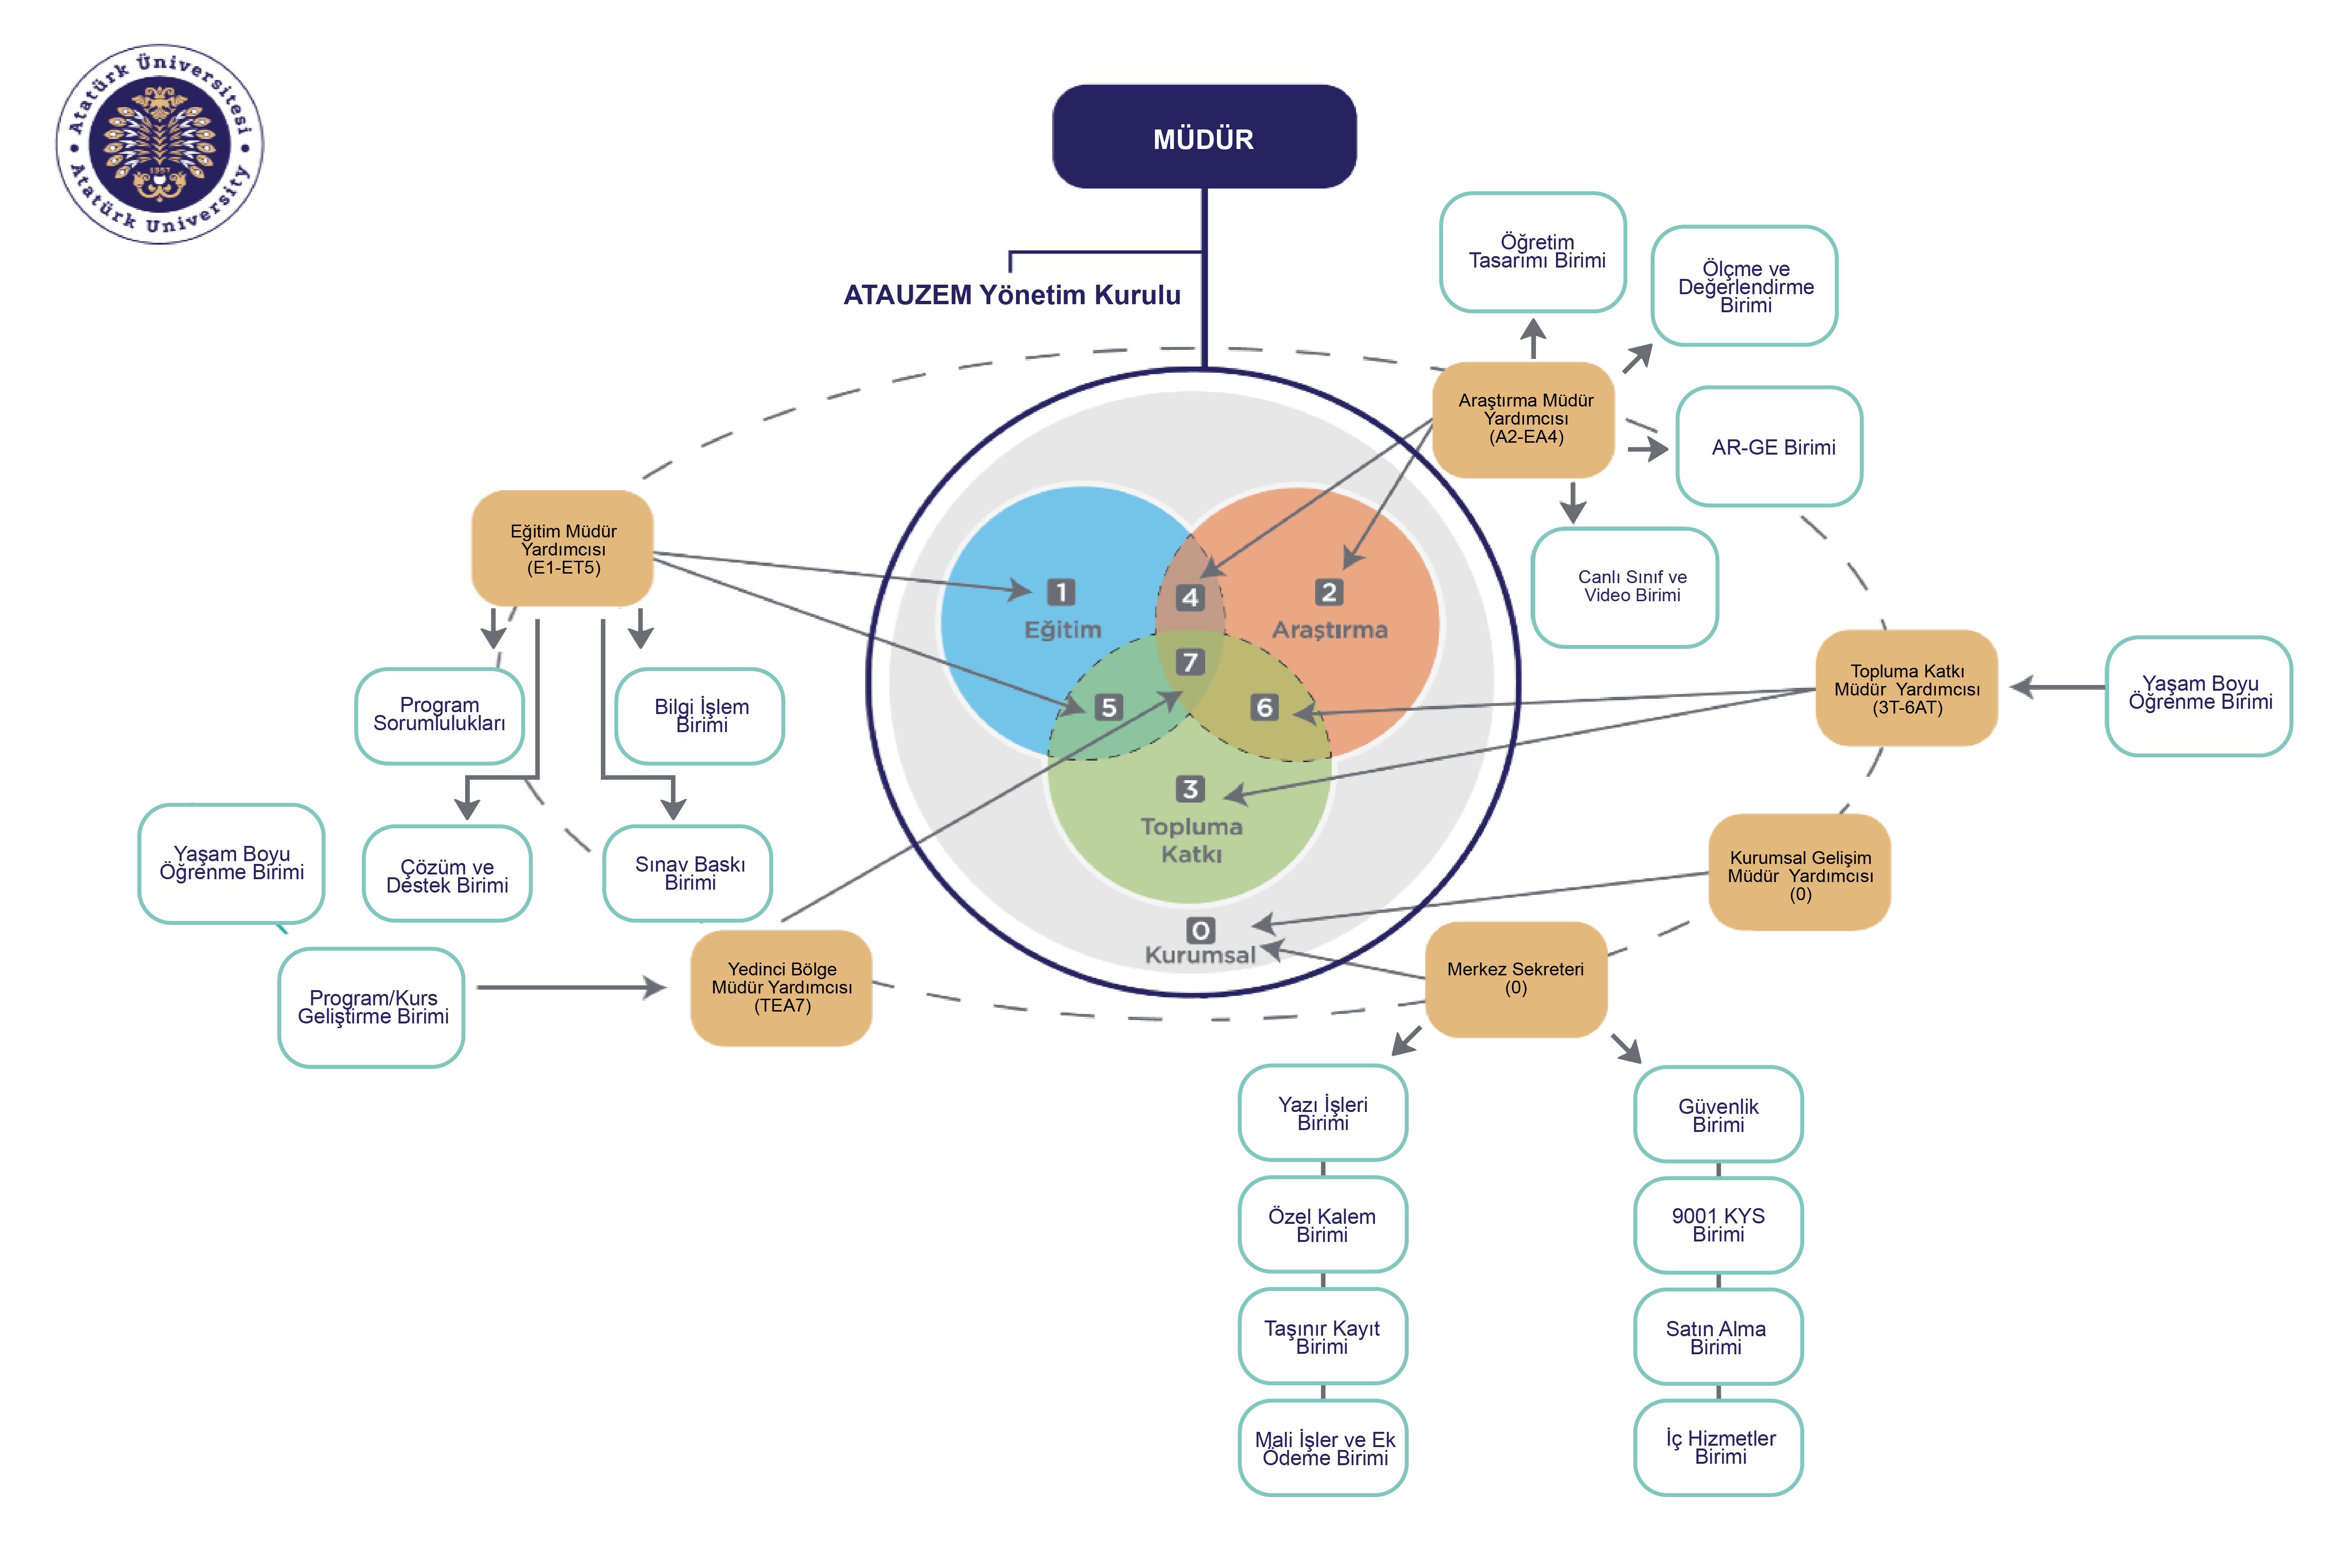 ATAUZEM Yönetişim Modeli